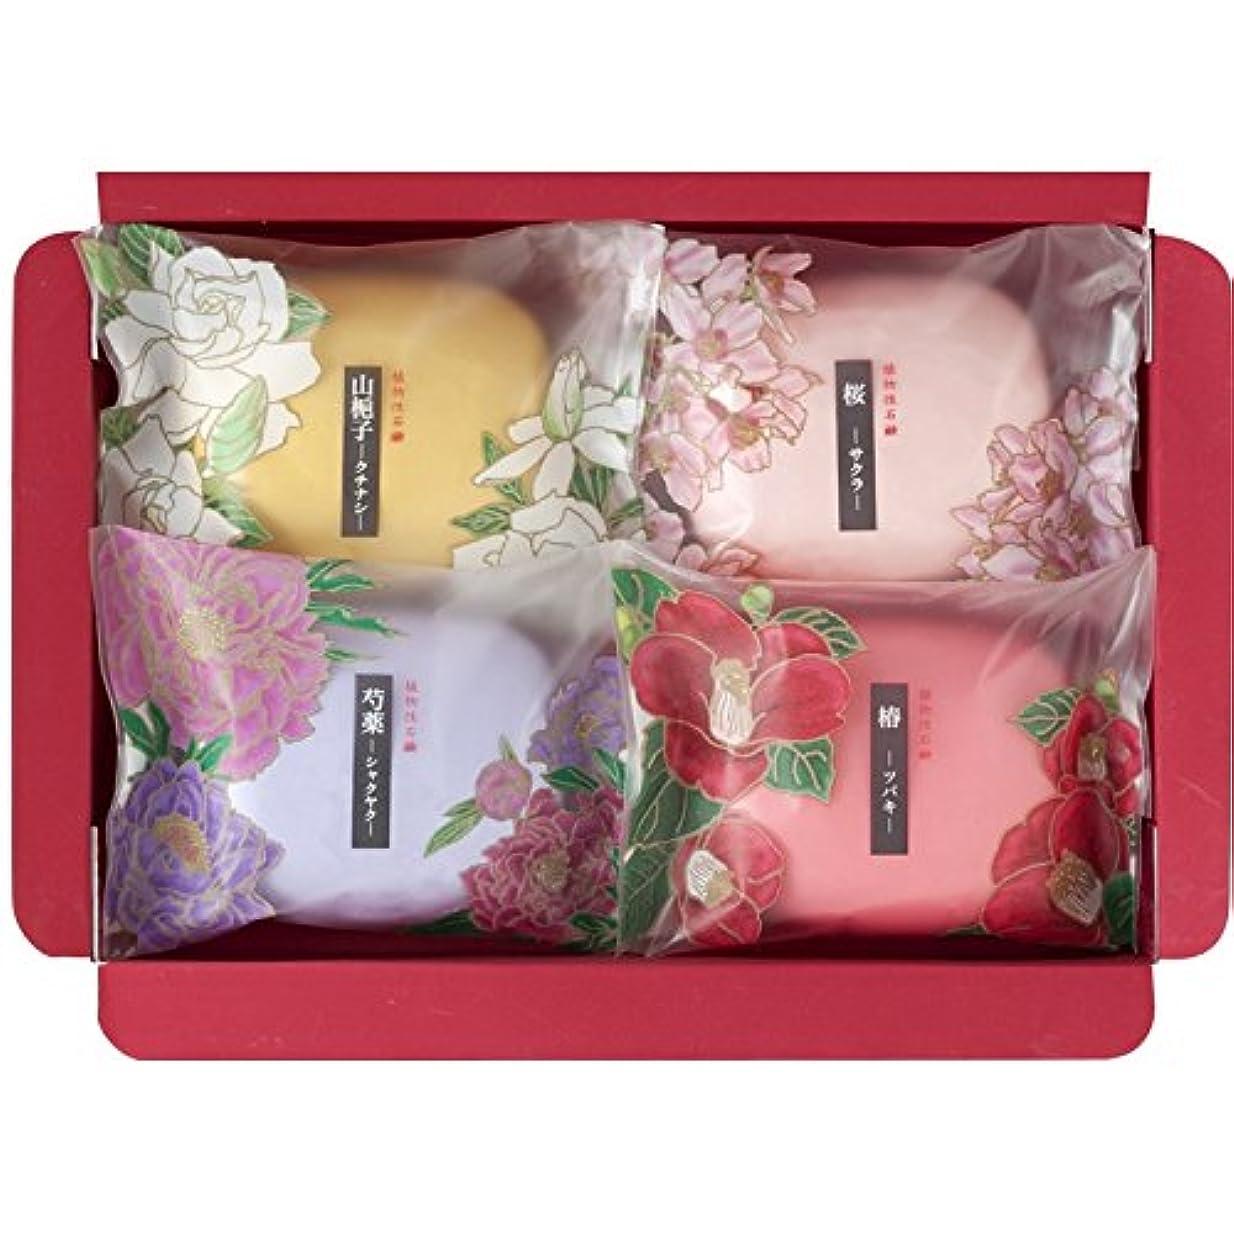 ディスク領域ブローホール彩花だより 【固形 ギフト せっけん あわ いい香り いい匂い うるおい プレゼント お風呂 かおり からだ きれい つめあわせ 日本製 国産 500】